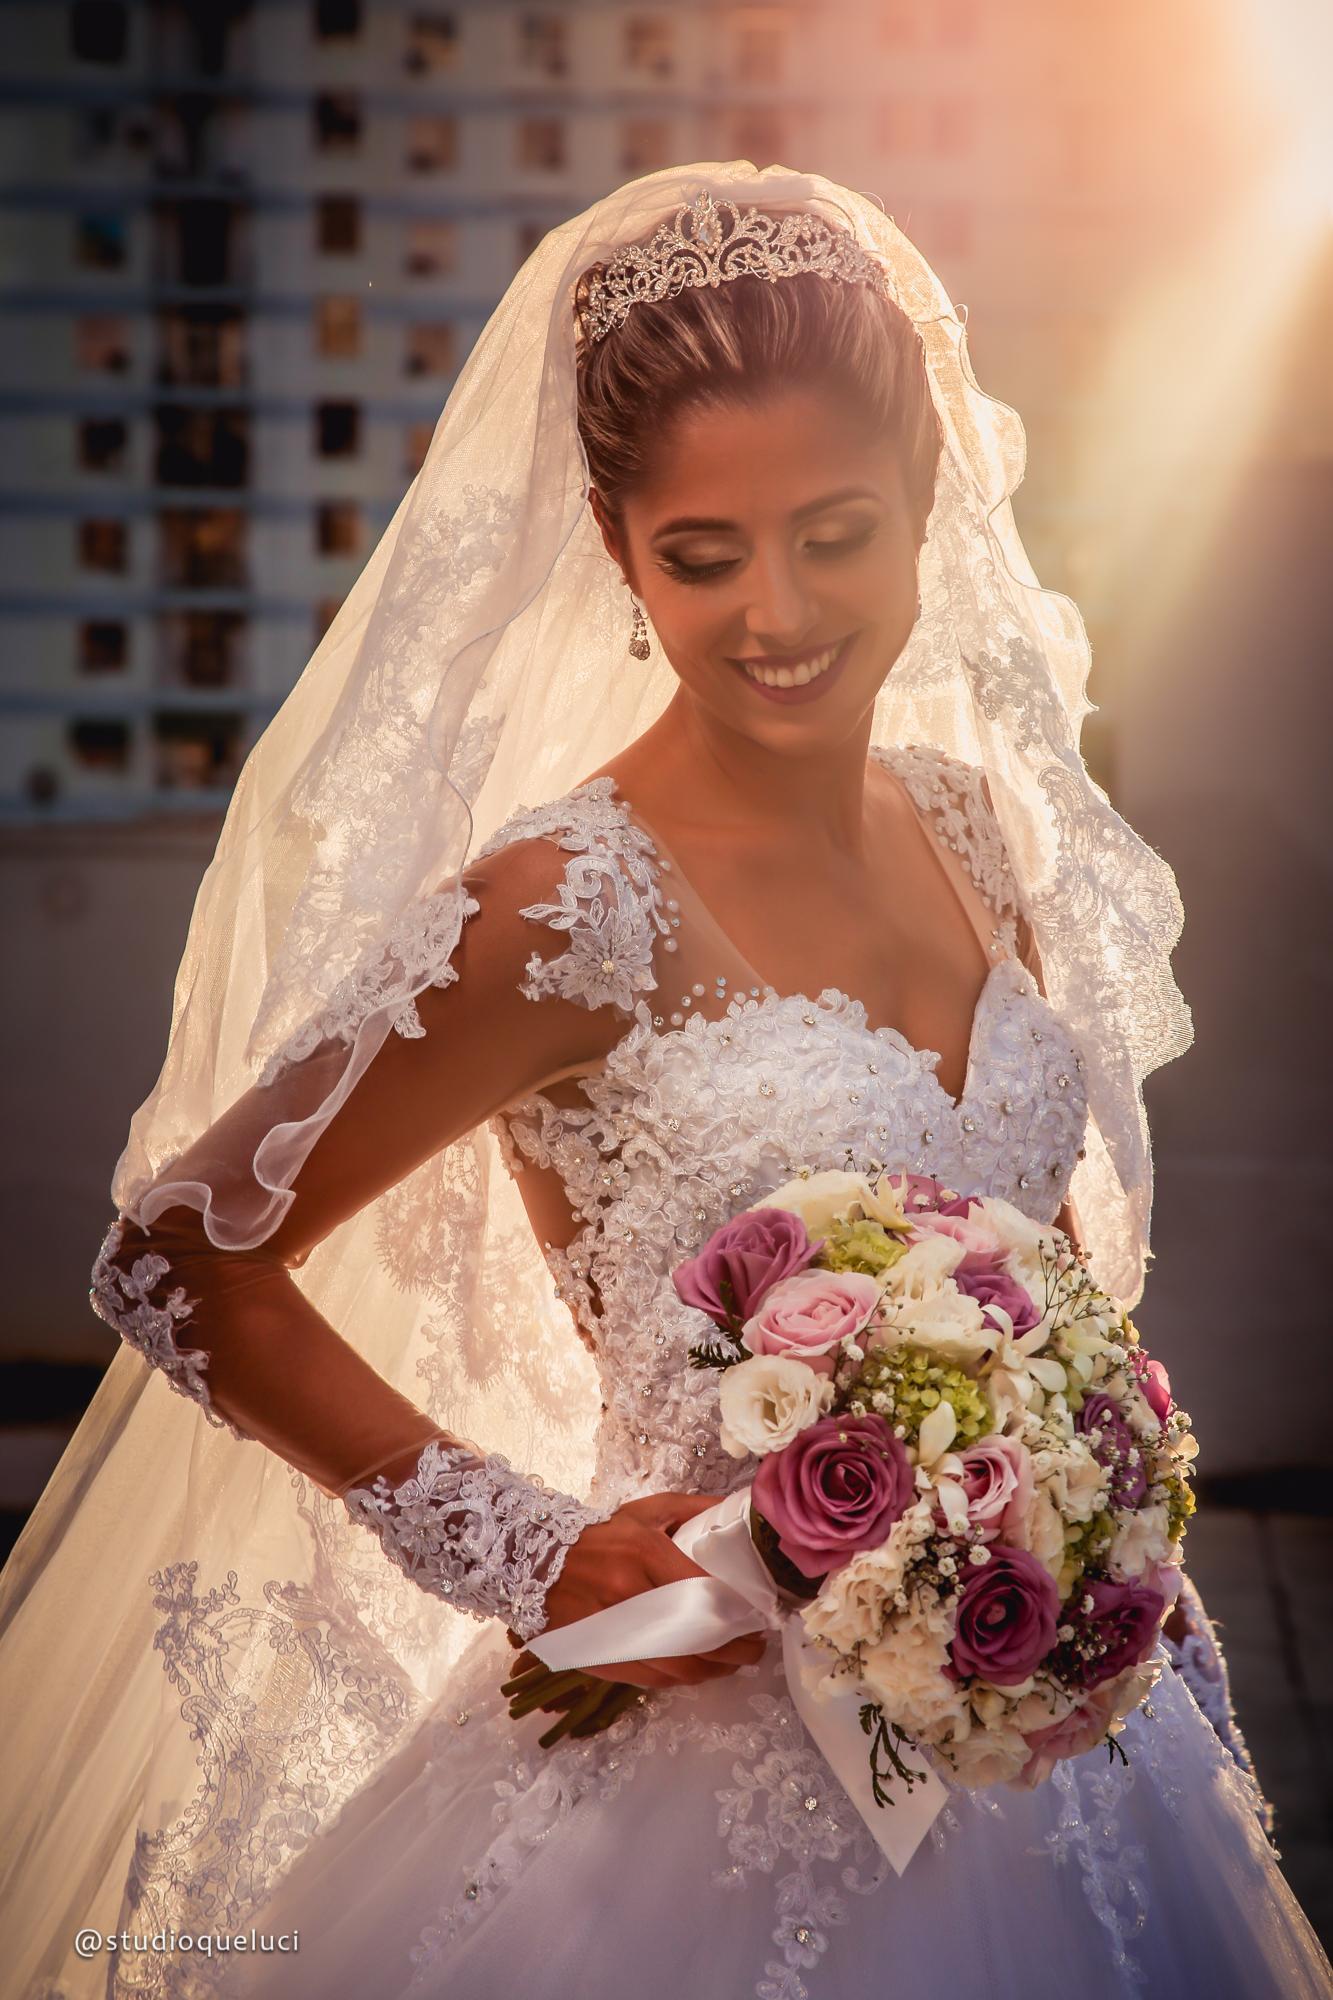 fotografo de casamento nova iguaçu